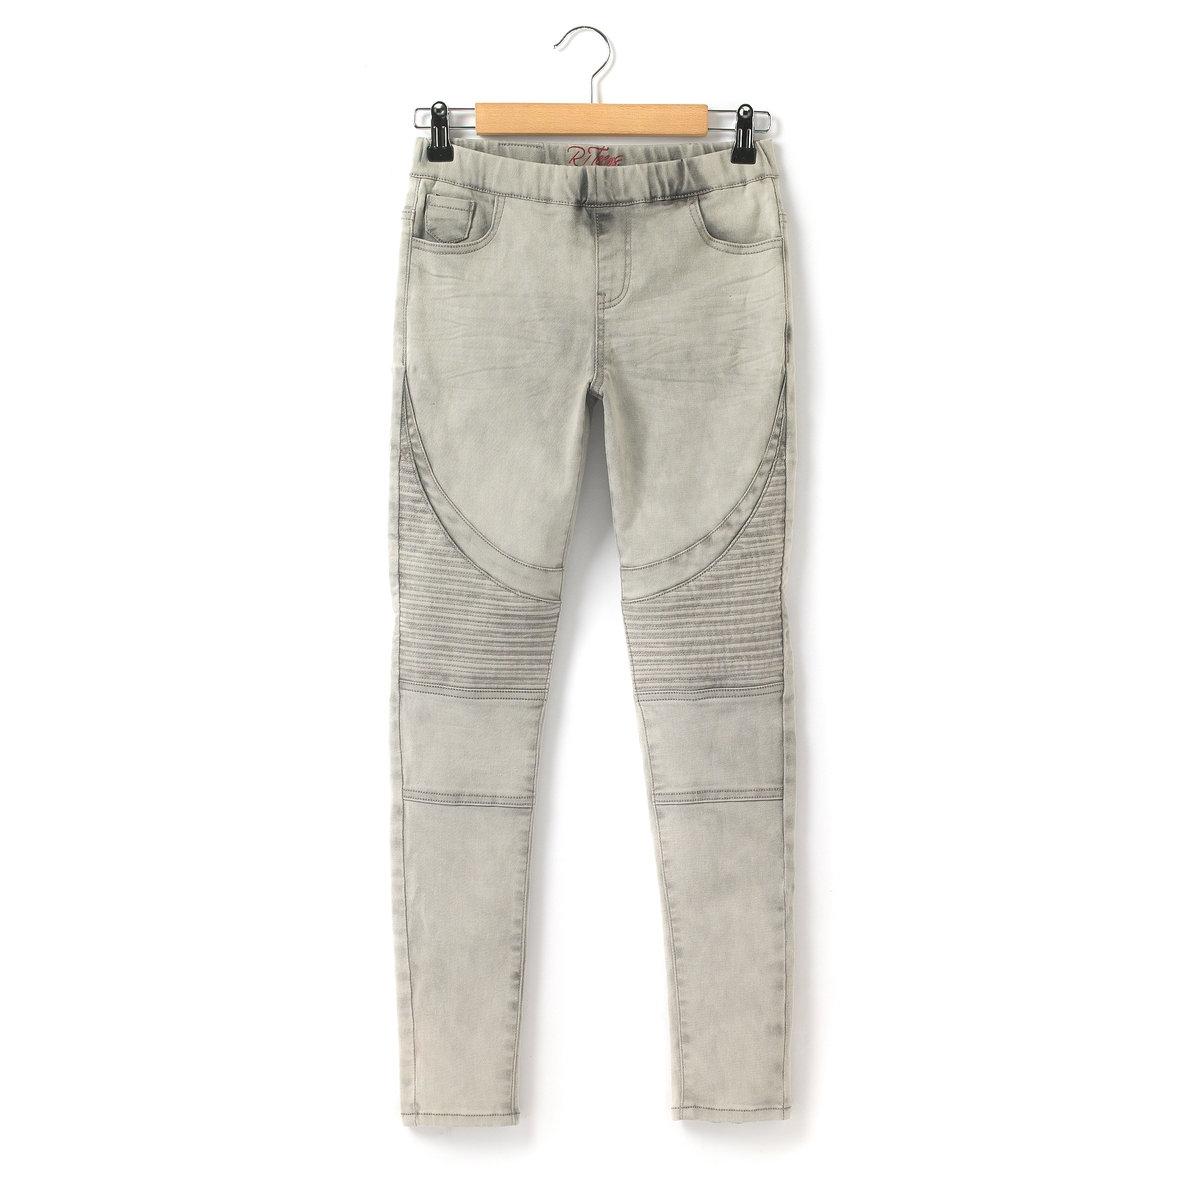 Джеггинсы из денима с отрезными деталями в байкерском стиле, 10-16 лет джинсы jogger в байкерском стиле 10 16 лет